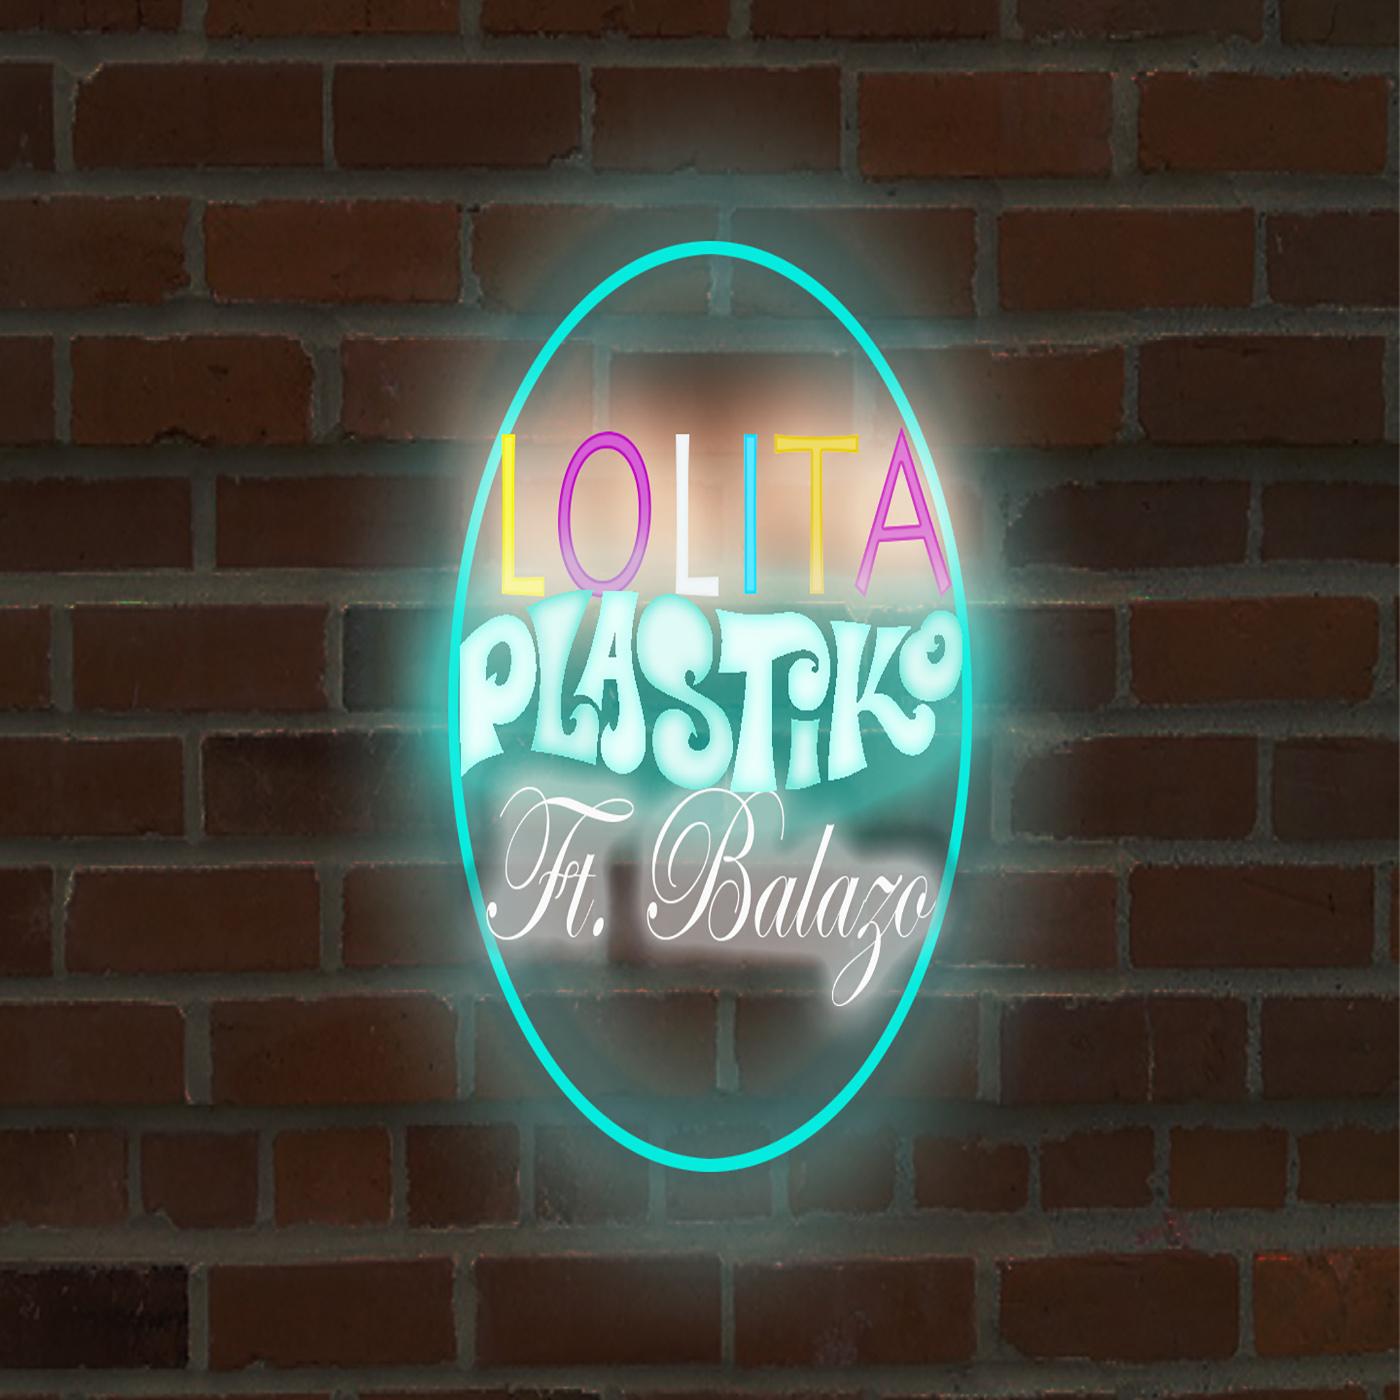 Plastiko presenta su más reciente sencillo LOLITA